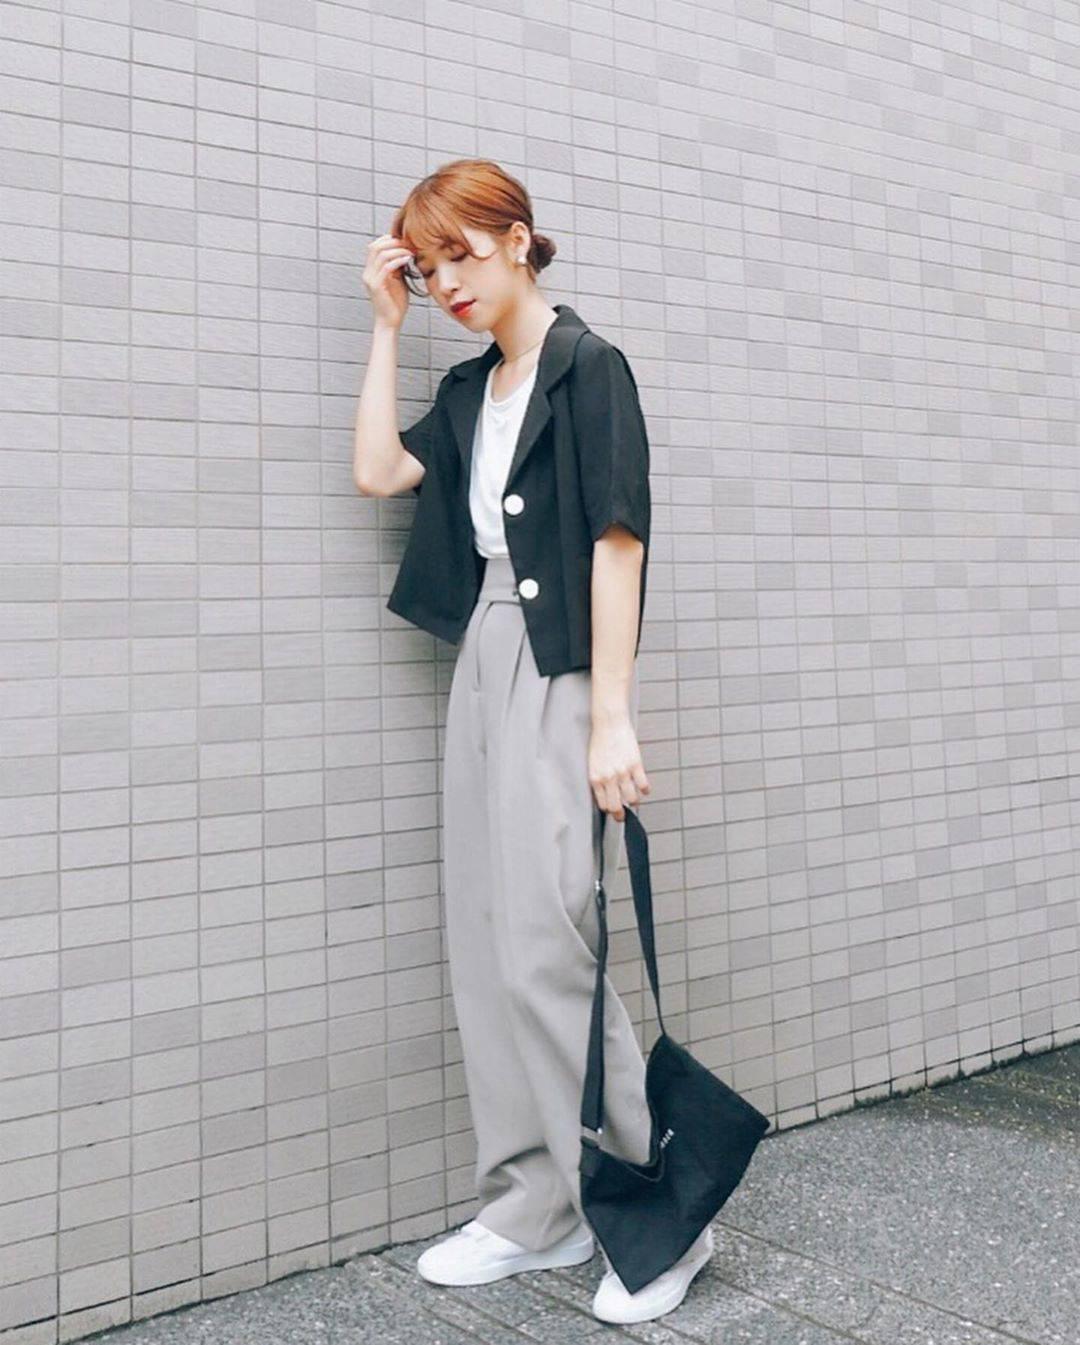 最高気温29度・最低気温21度 natsu_outfitsの服装